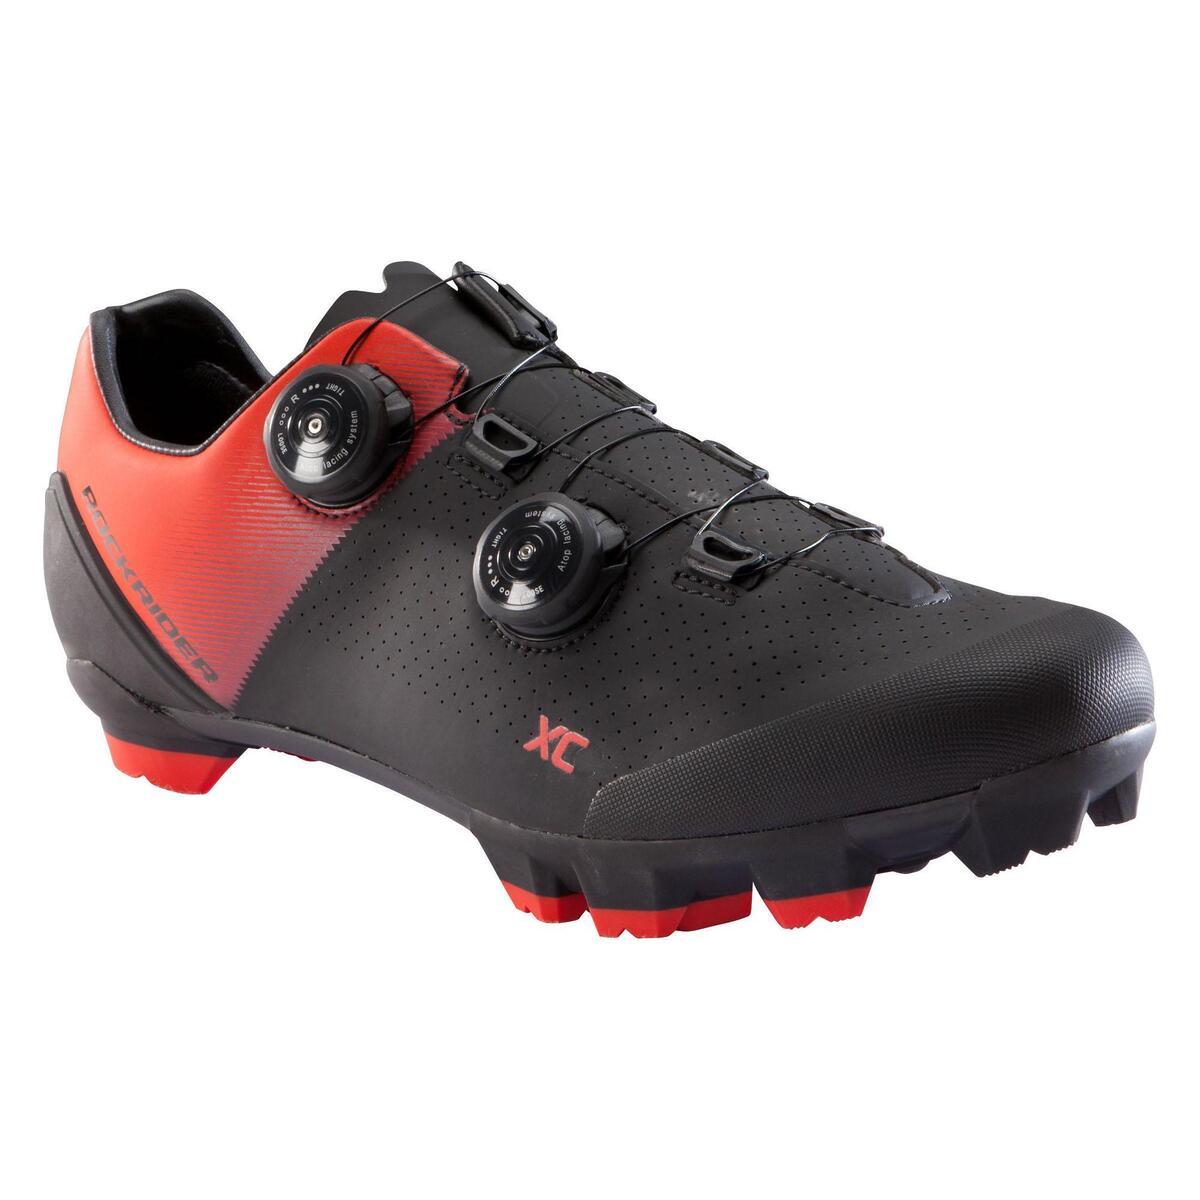 Bild 1 von Fahrradschuhe XC 900 MTB rot/schwarz